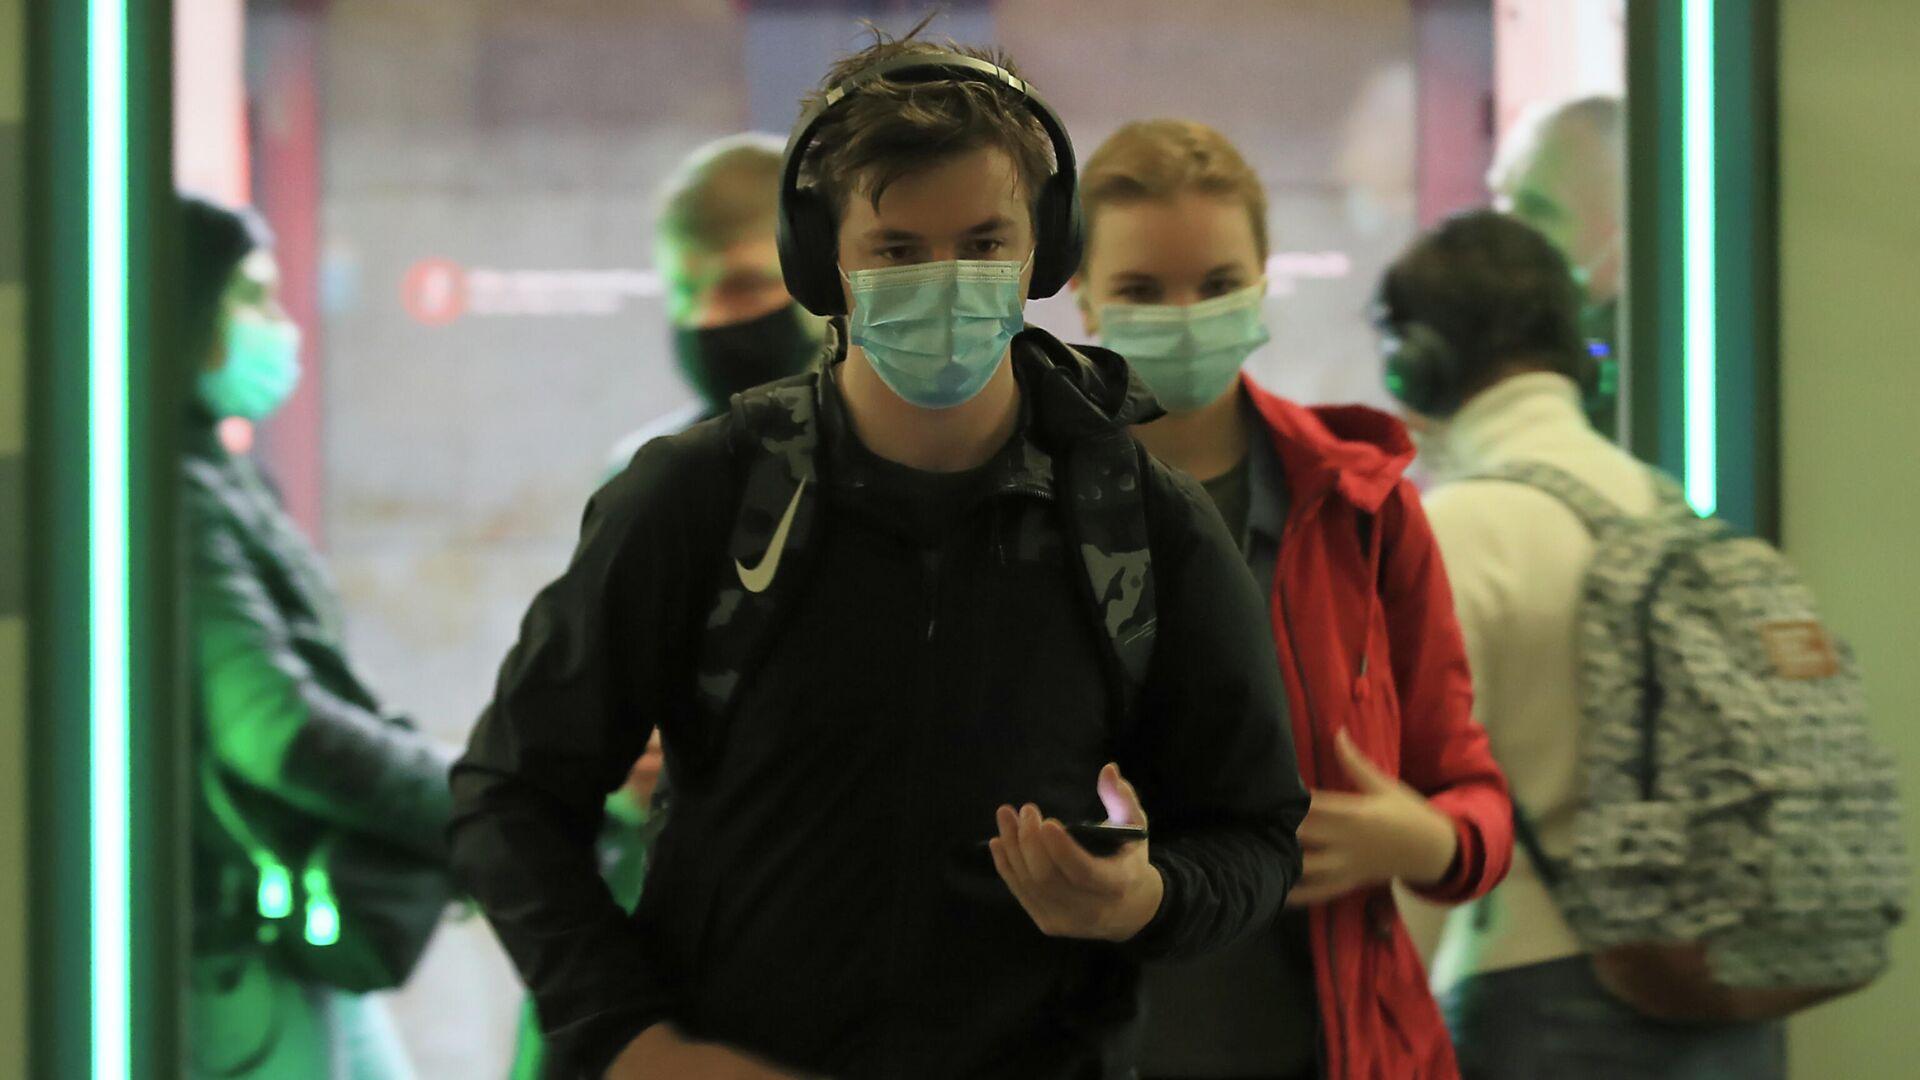 Пассажиры в защитный масках на одной из станций Московского метрополитена - РИА Новости, 1920, 12.10.2020